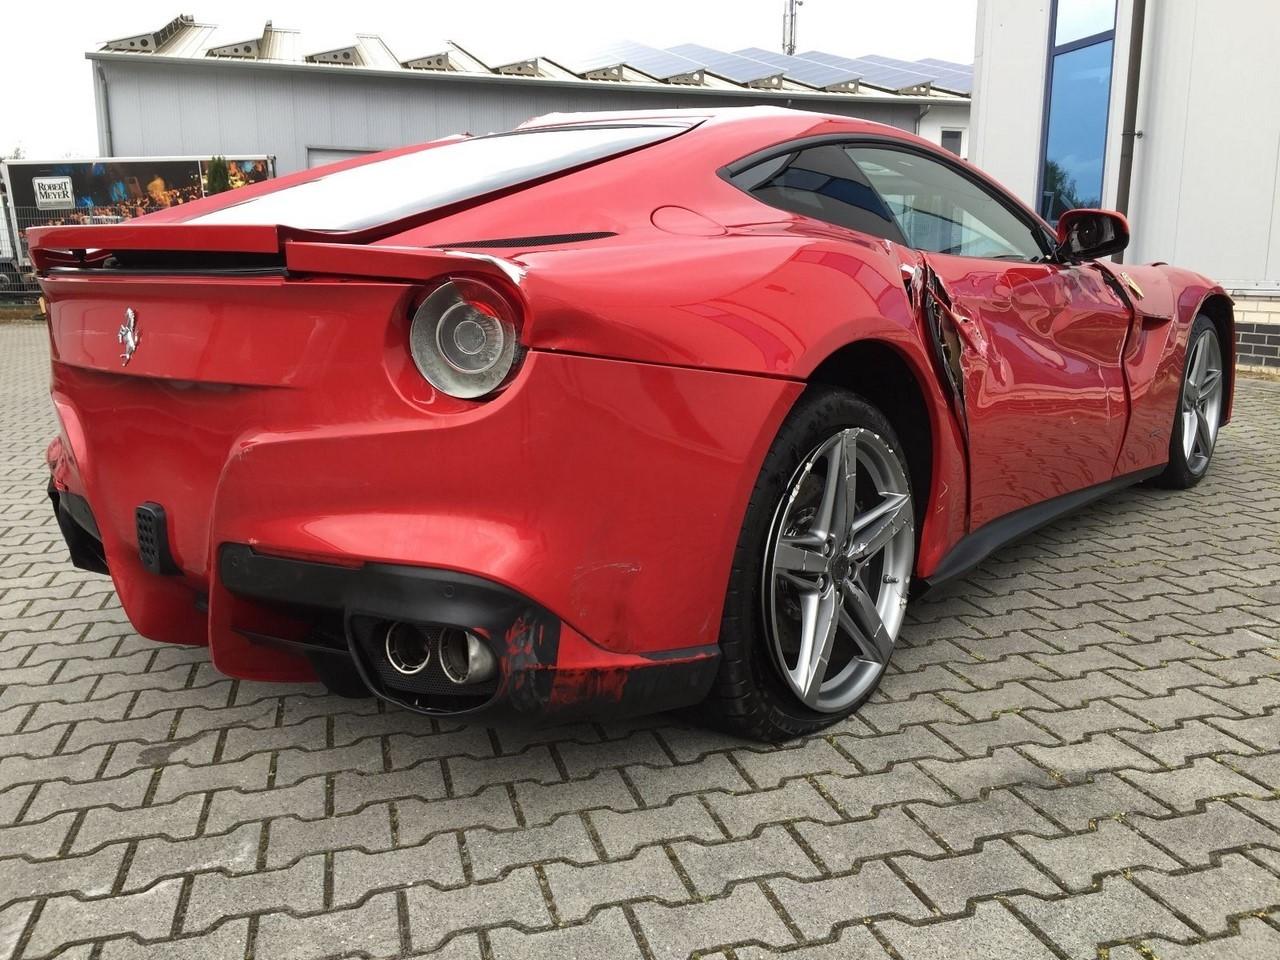 Une affaire : 77 000 euros la Ferrari F12berlinetta (toute cassée) !